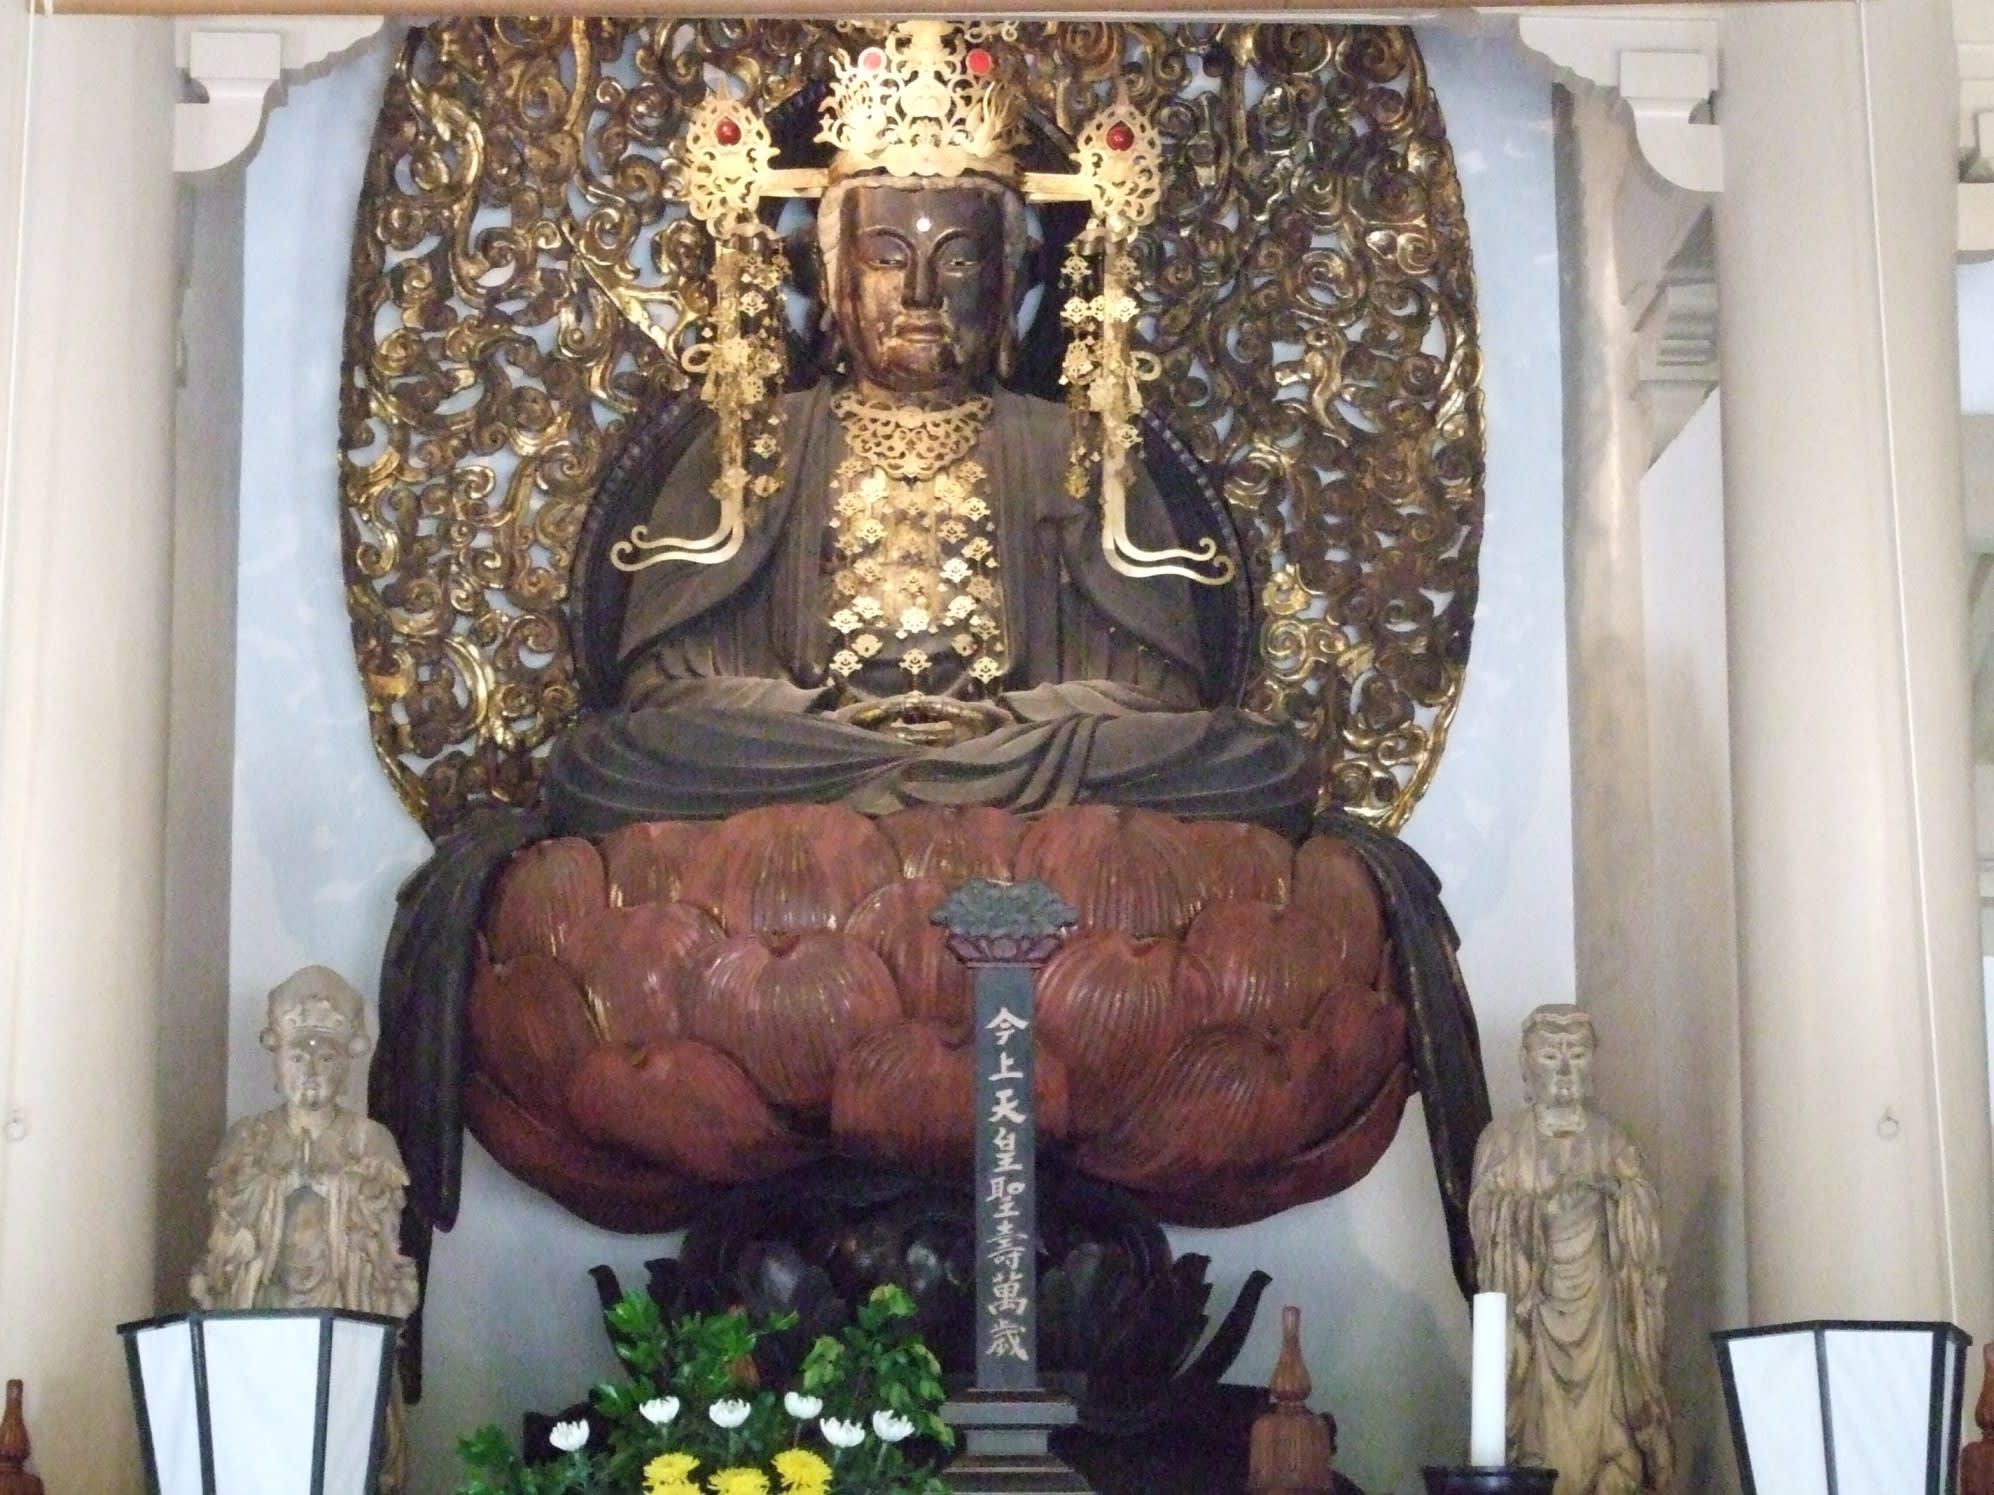 円覚寺の本尊は「宝冠釈迦如来」という。宝冠をつけた釈迦如来、つまり仏陀... Discover